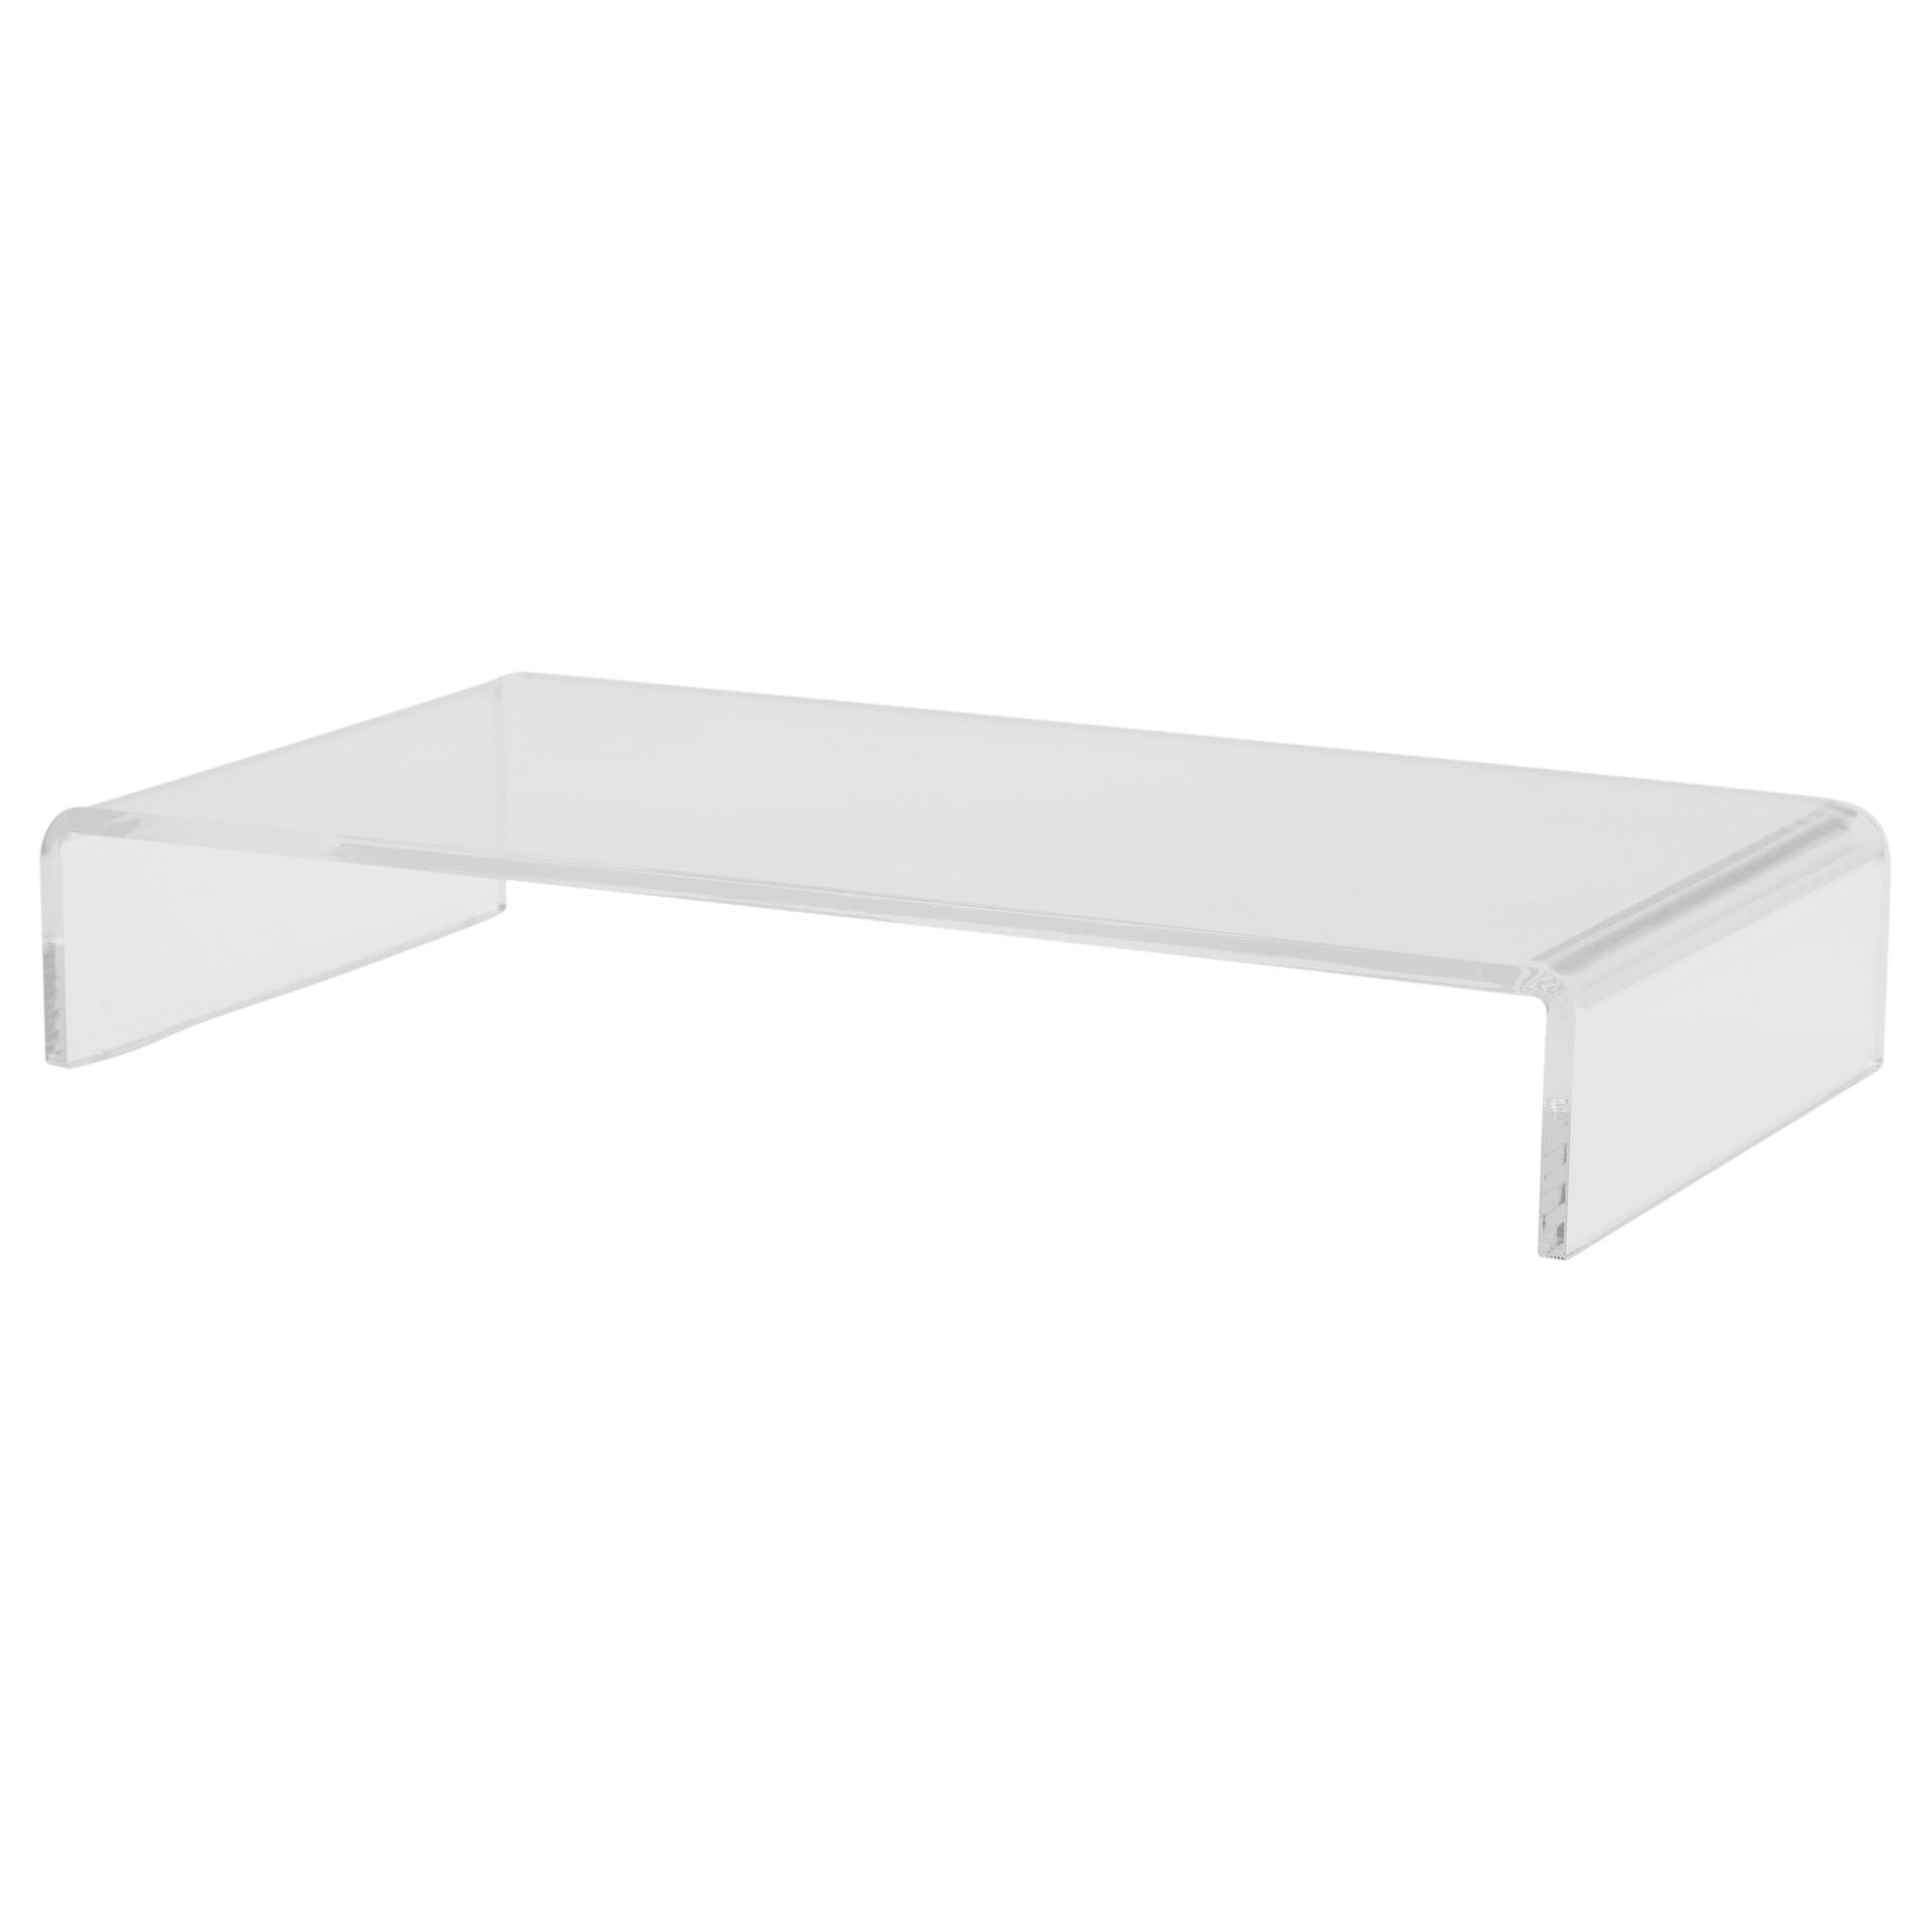 Rack Verre Ikea Luxe Photos Meilleur De De Table Blanche Ikea Concept Idées De Table